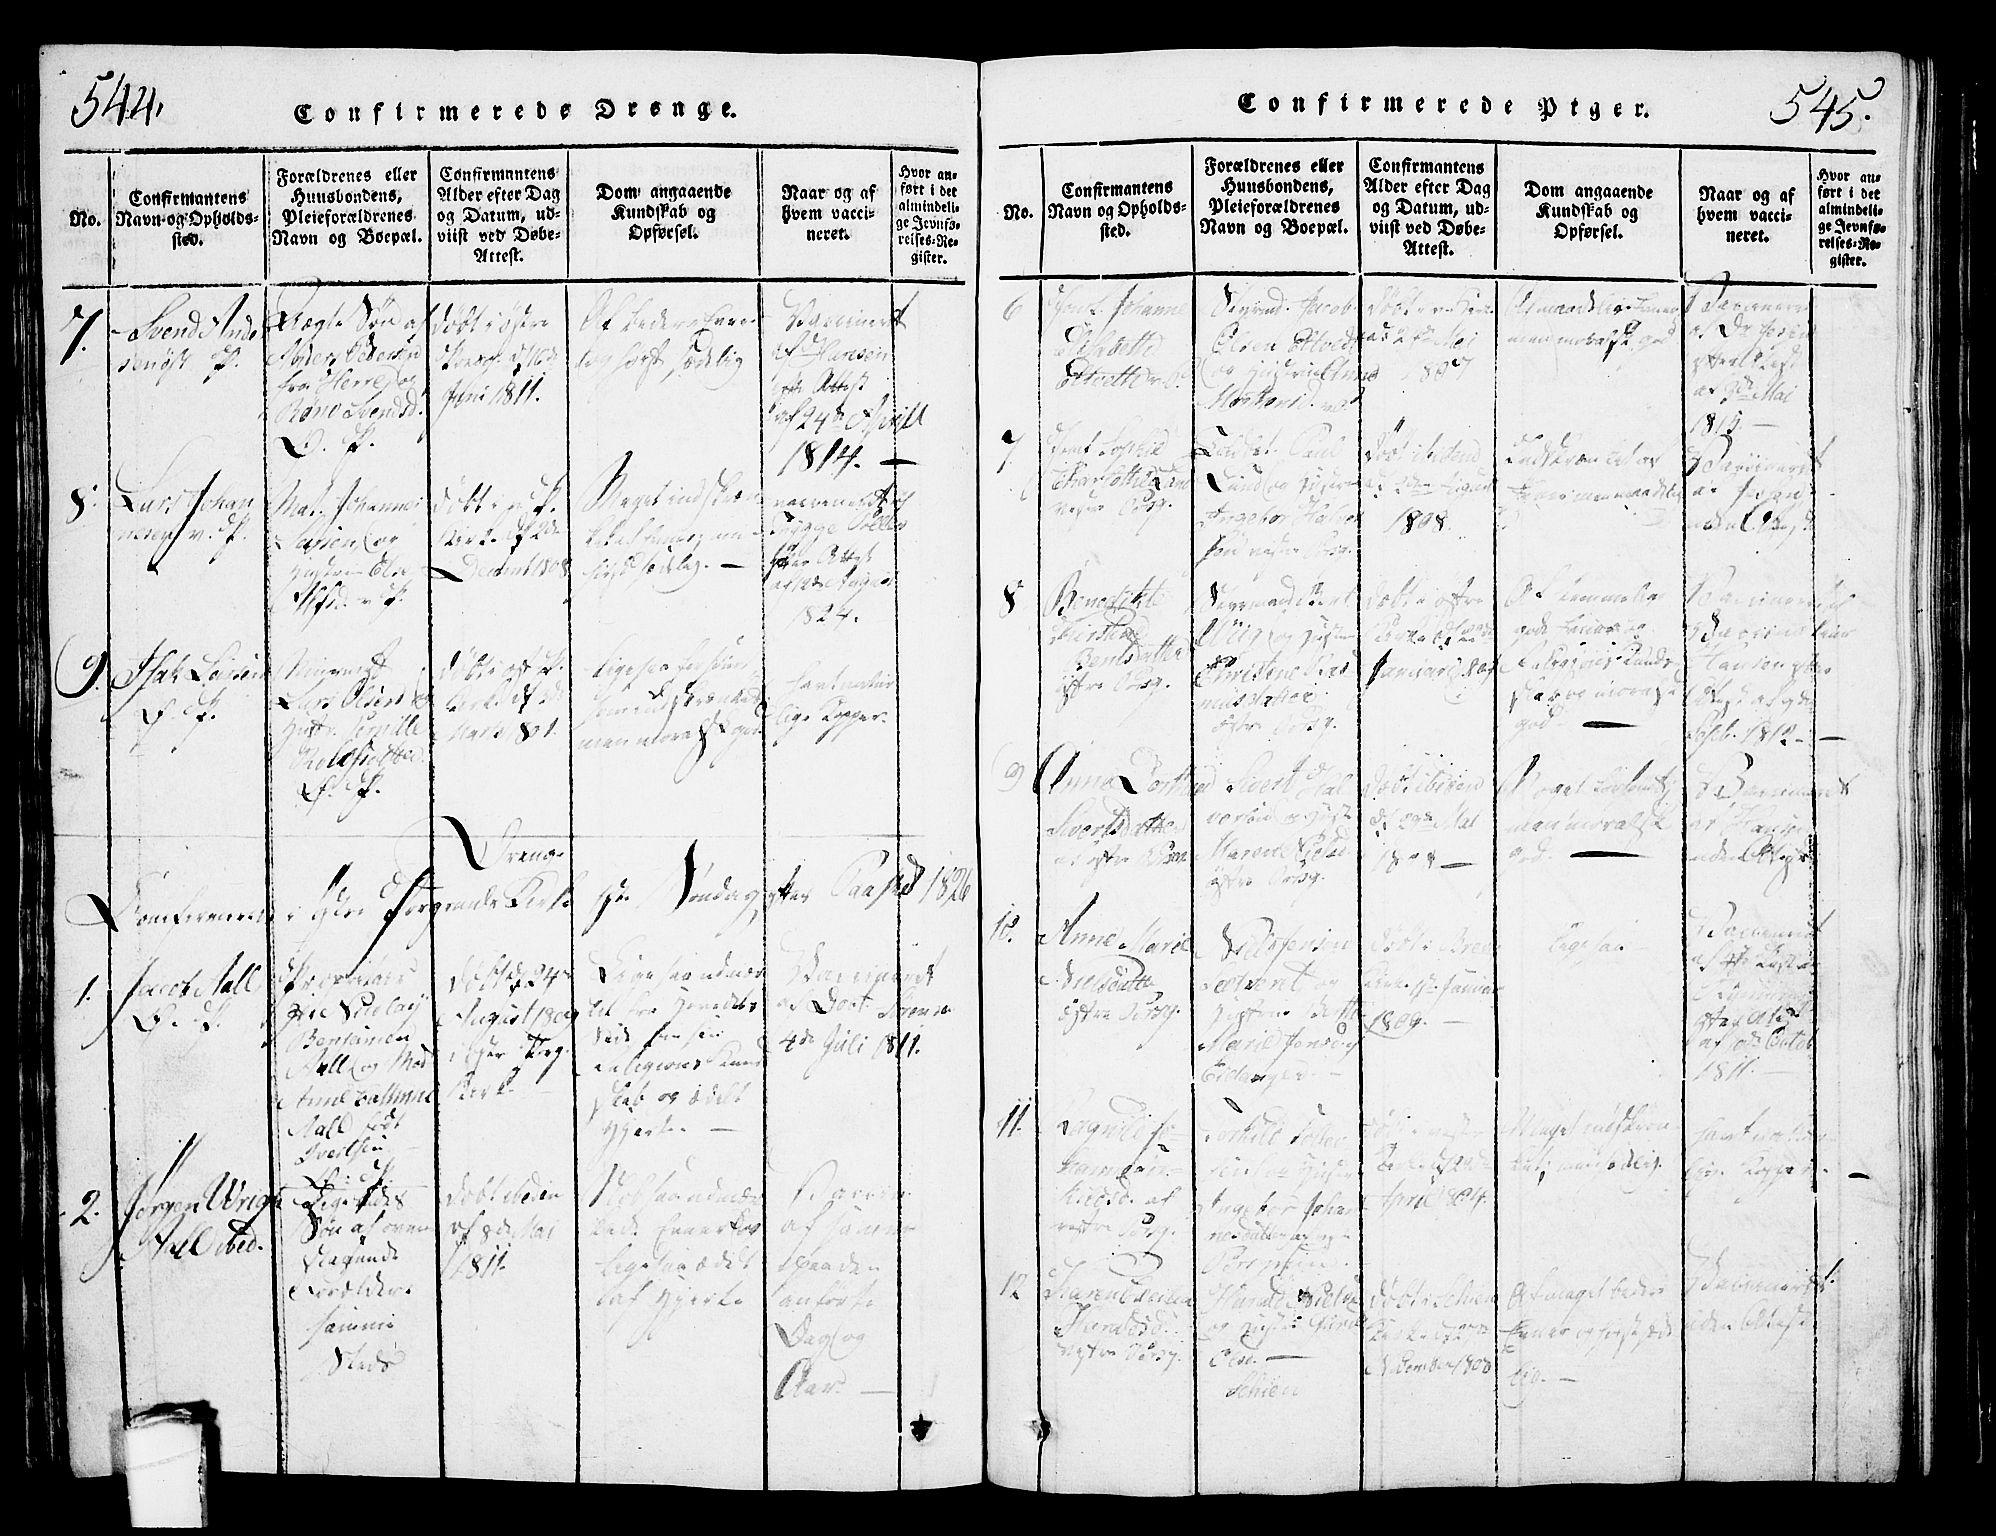 SAKO, Porsgrunn kirkebøker , G/Gb/L0001: Klokkerbok nr. II 1, 1817-1828, s. 544-545